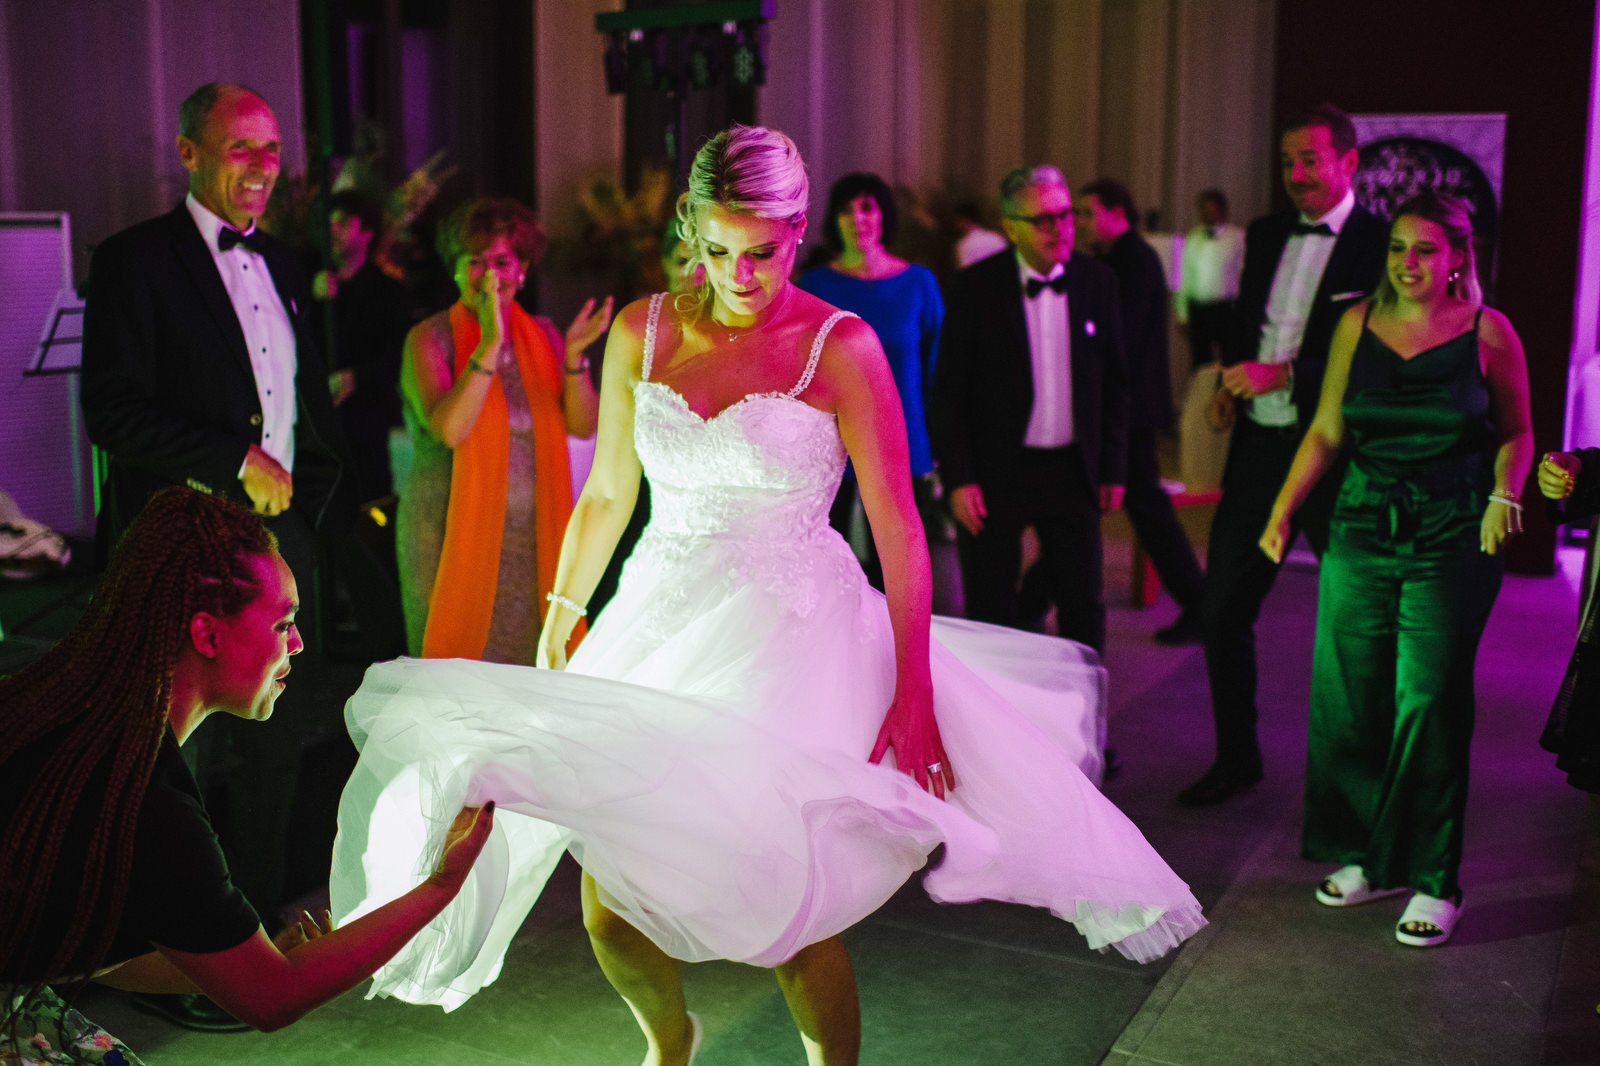 Fotograf Konstanz - Luxus Hochzeit Fotograf Grand Resort Bad Ragaz Schweiz Lichtenstein 220 - Destination wedding at the Grand Resort Bad Ragaz, Swiss  - 220 -